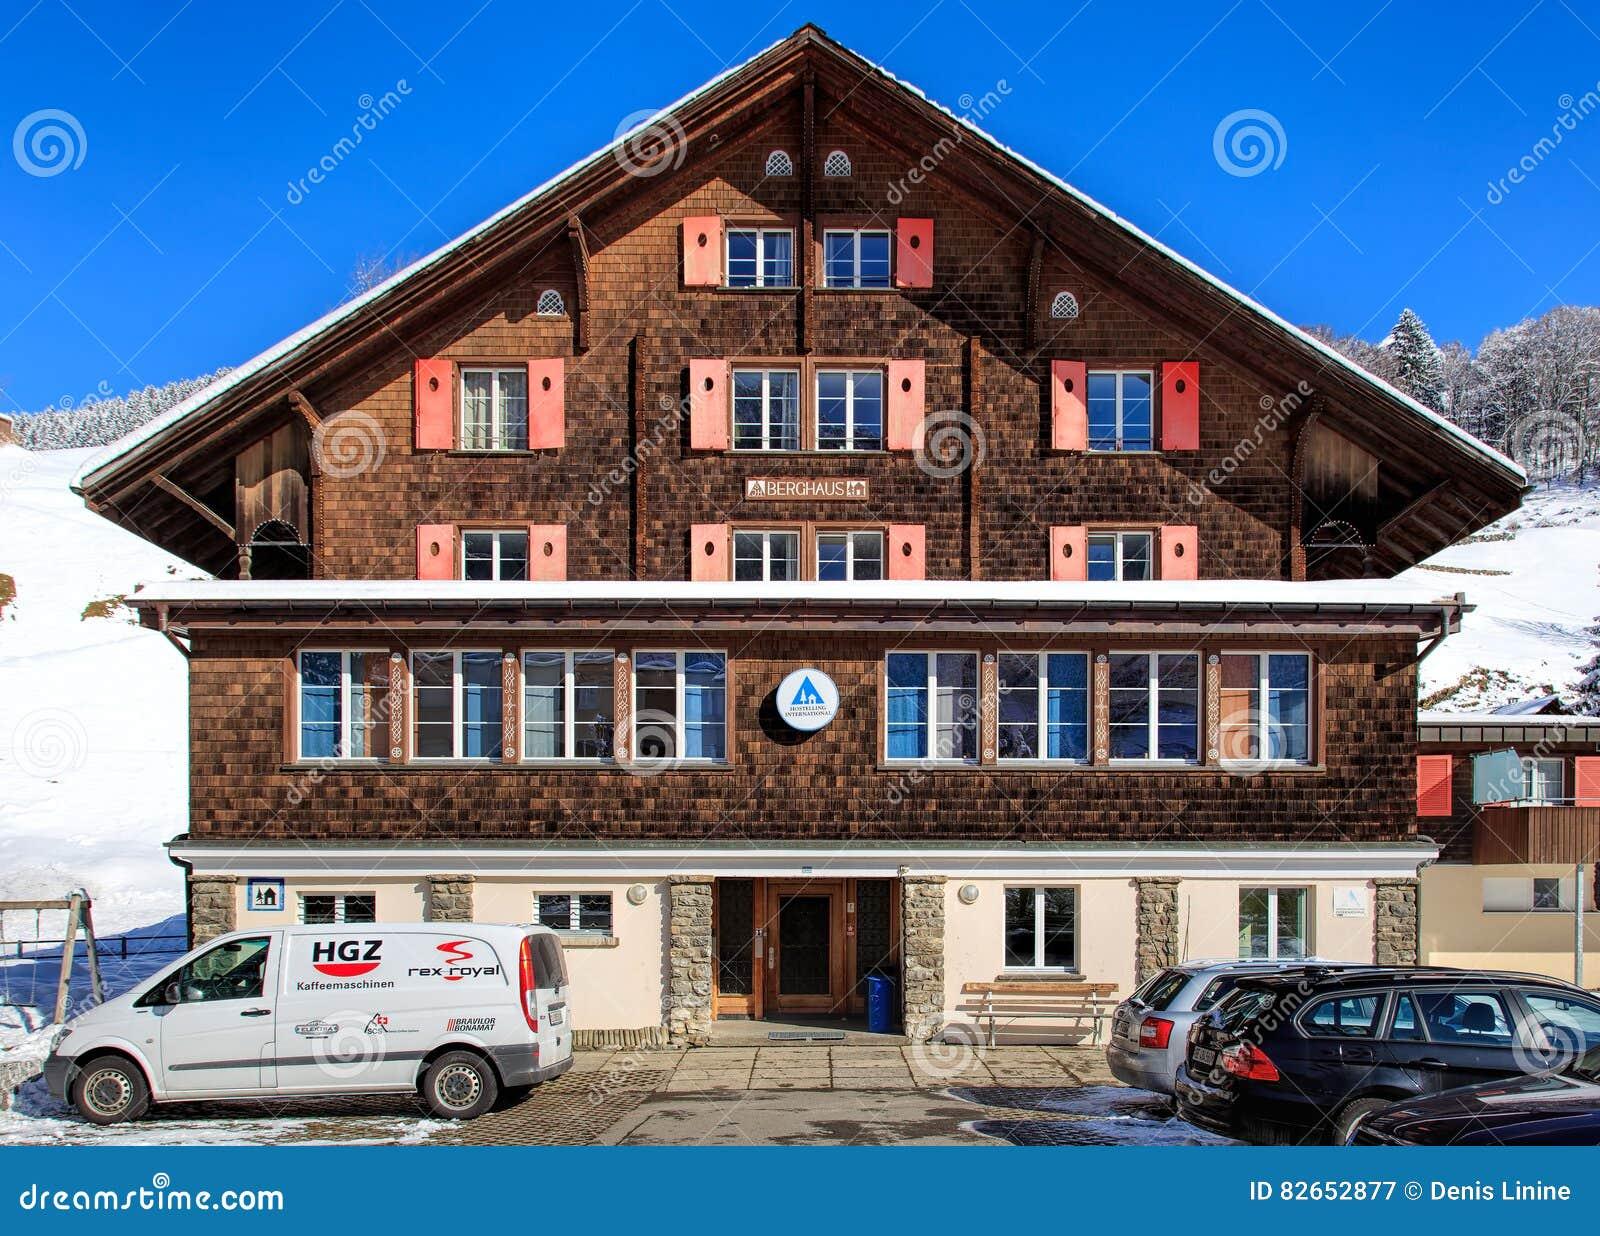 De bouw van hotelberghaus in Engelberg, Zwitserland